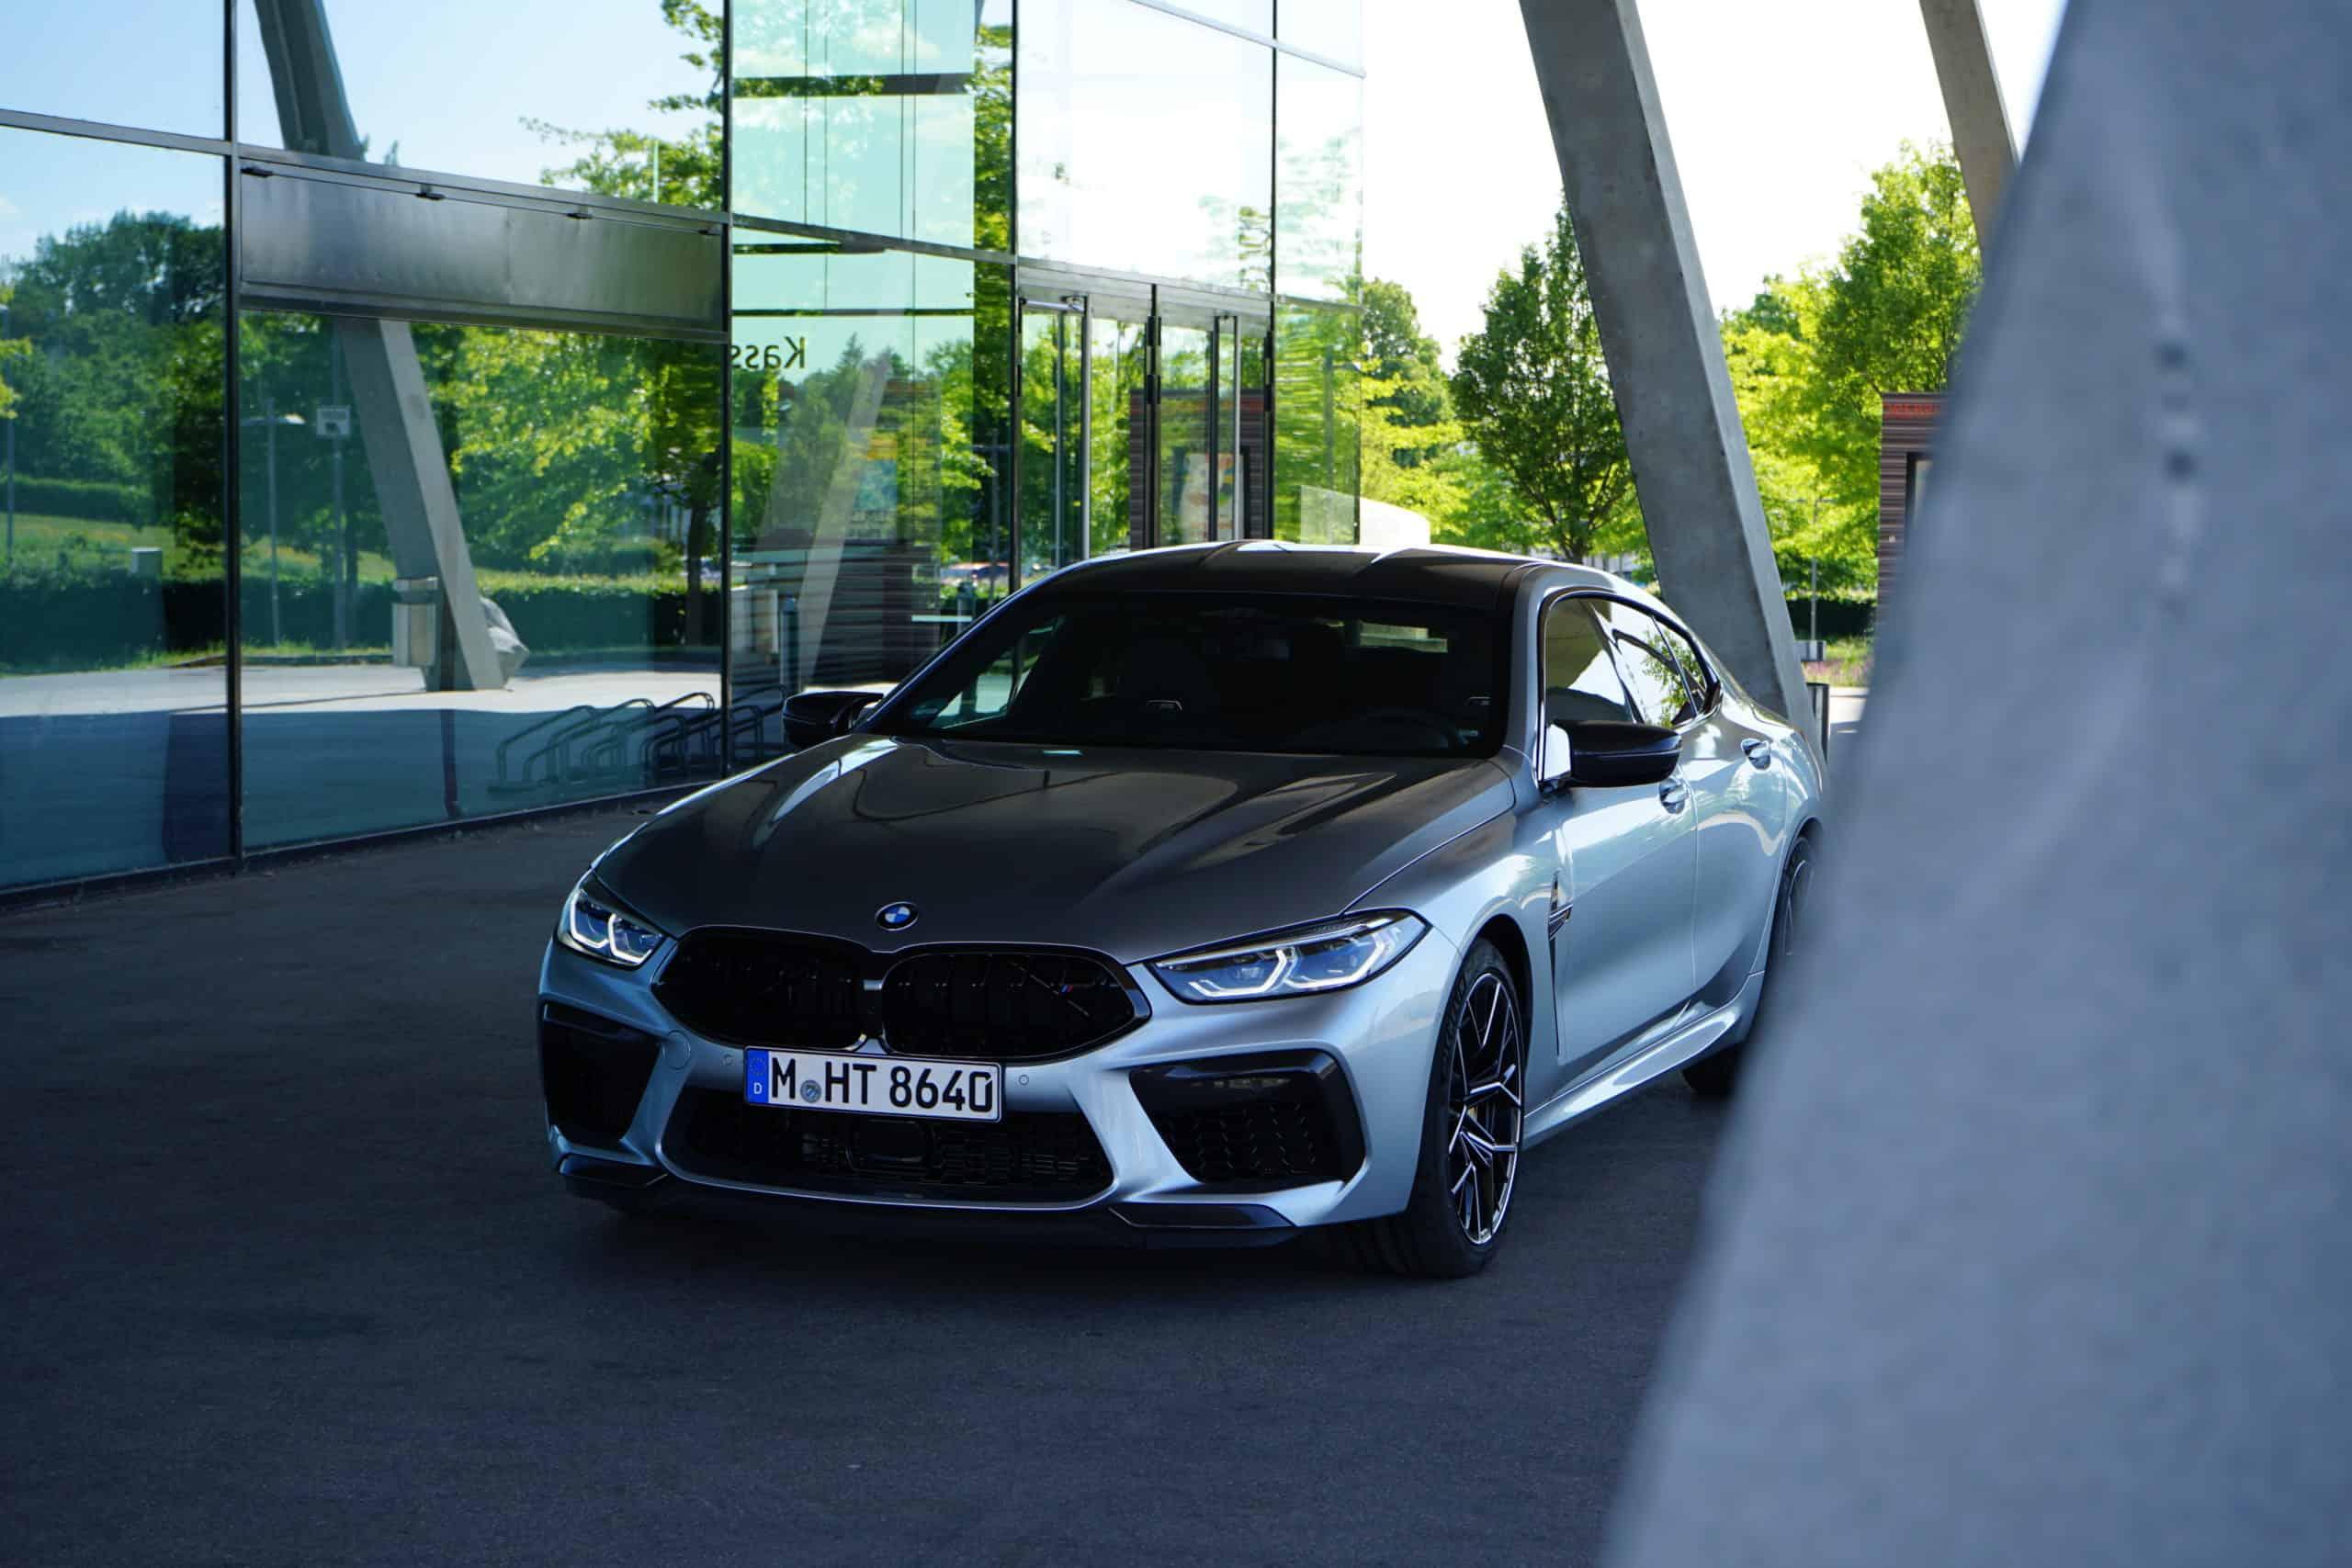 2020 BMW M8 Competition Gran Coupé (625 PS)